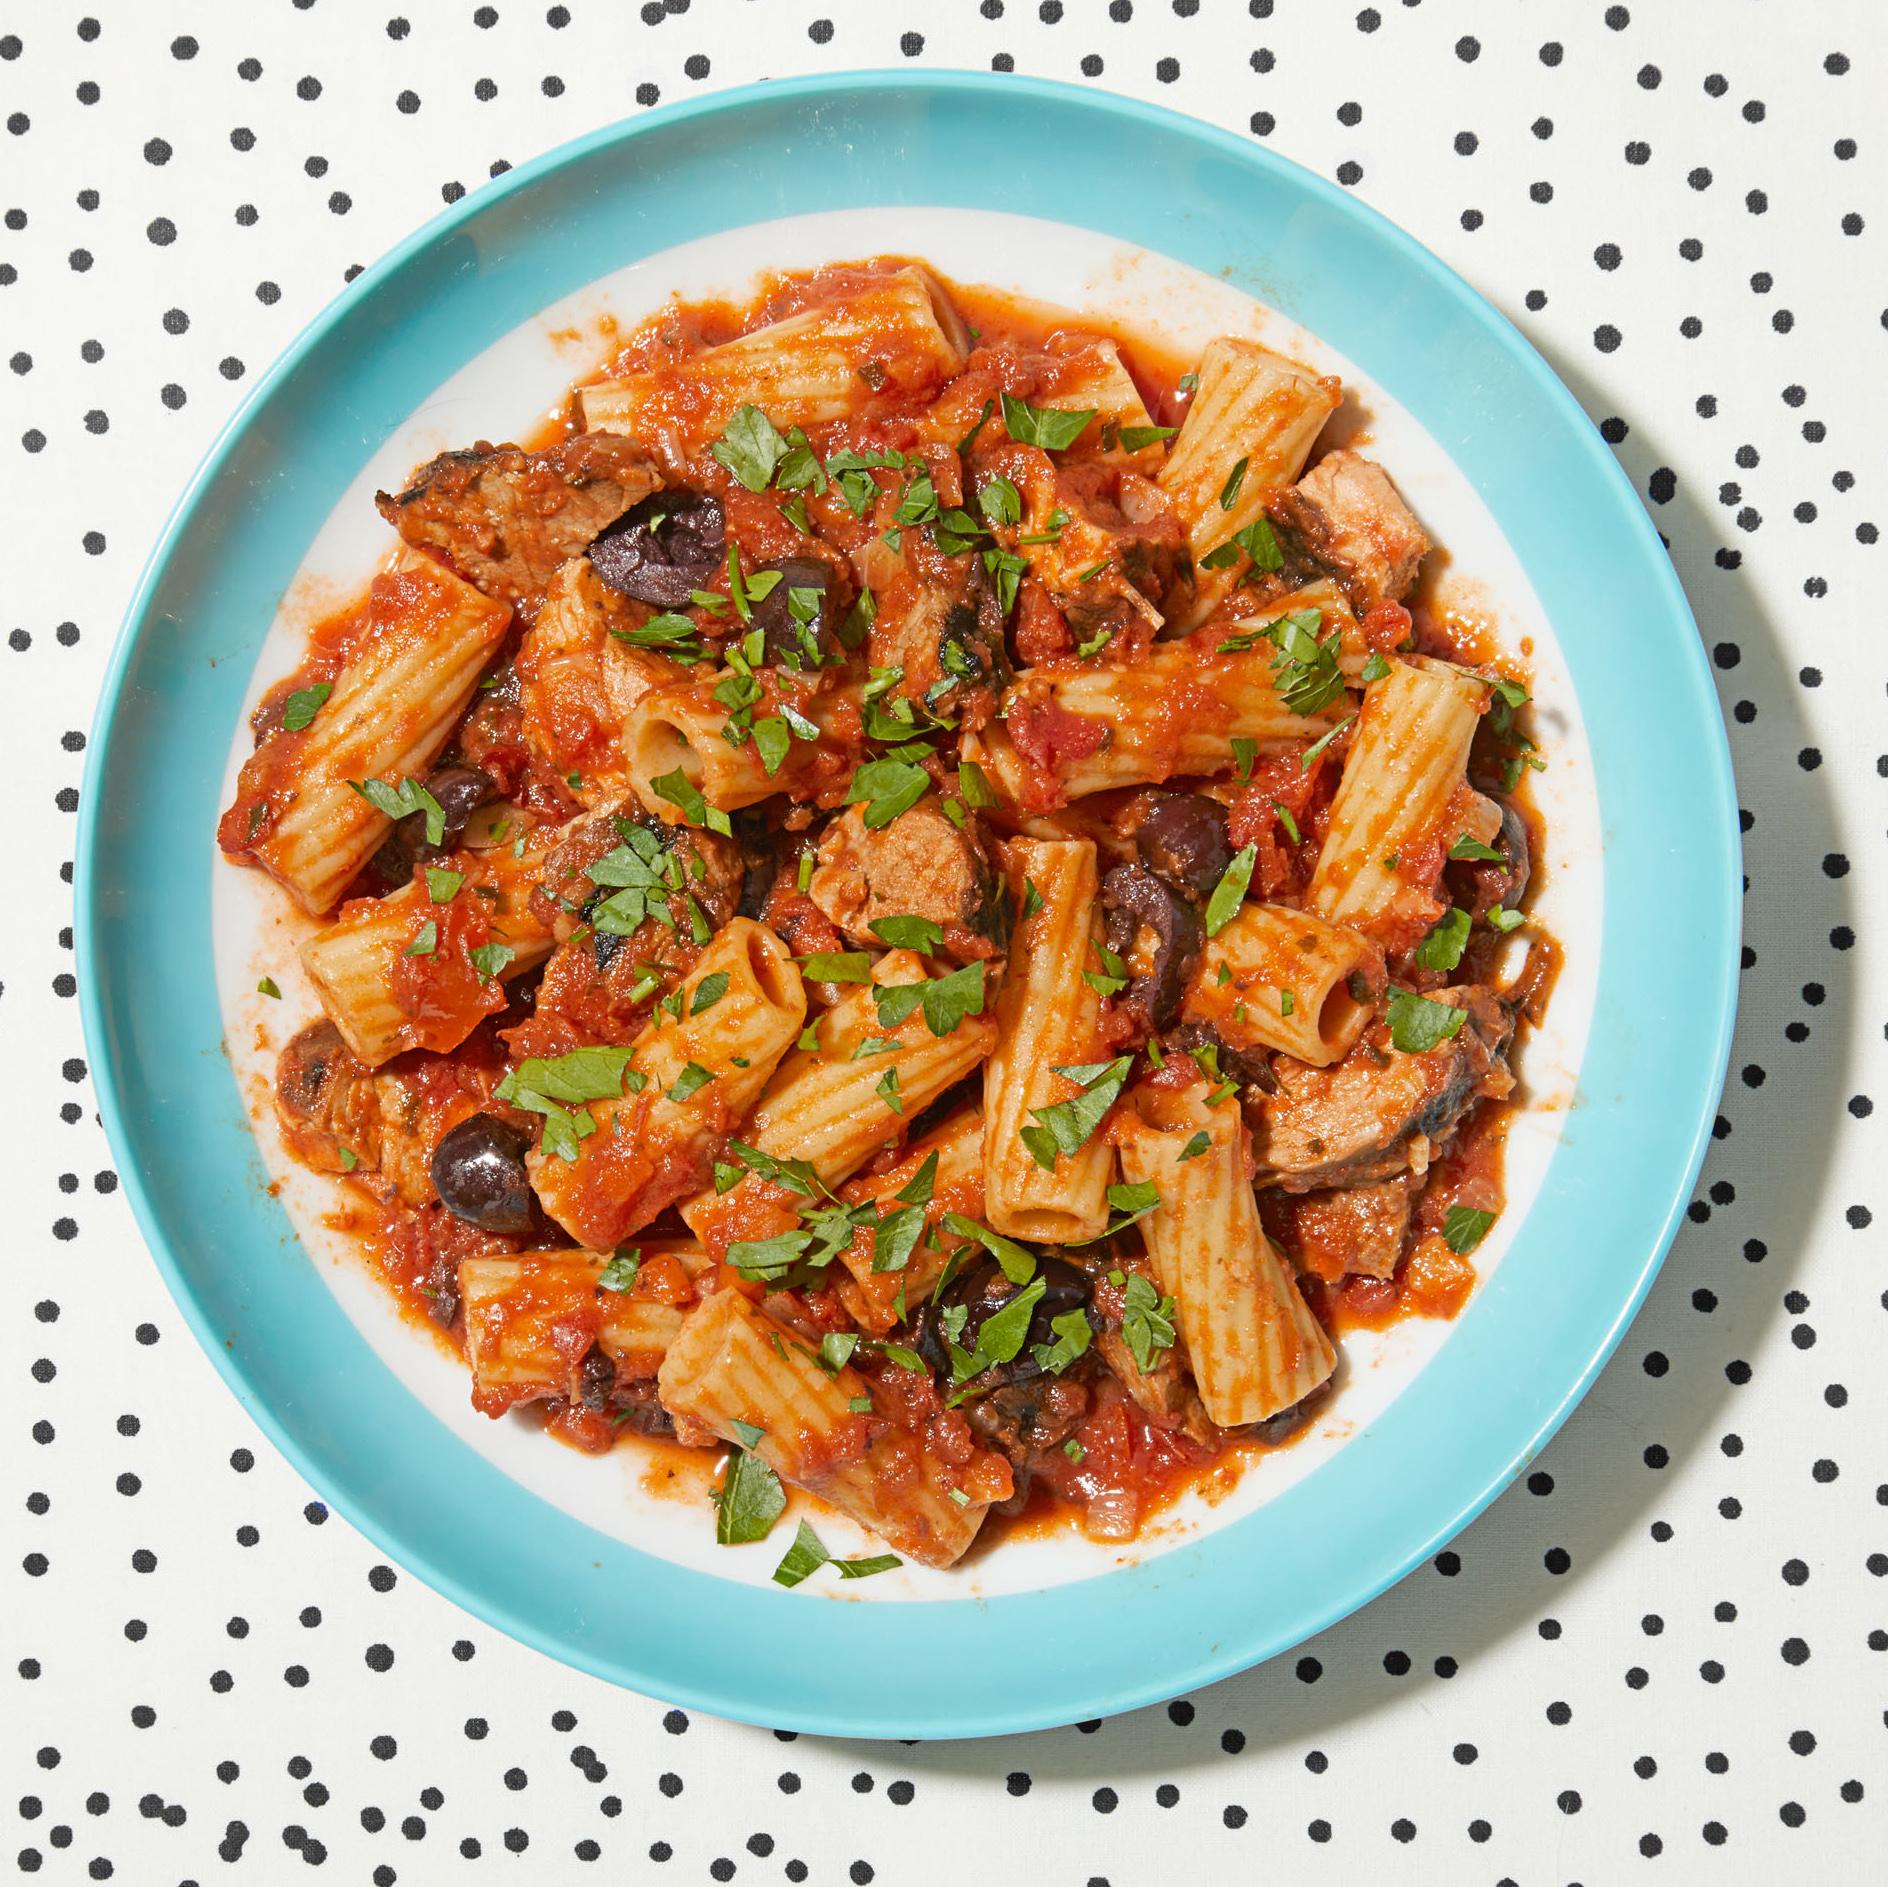 pork kalamata olive rigatoni